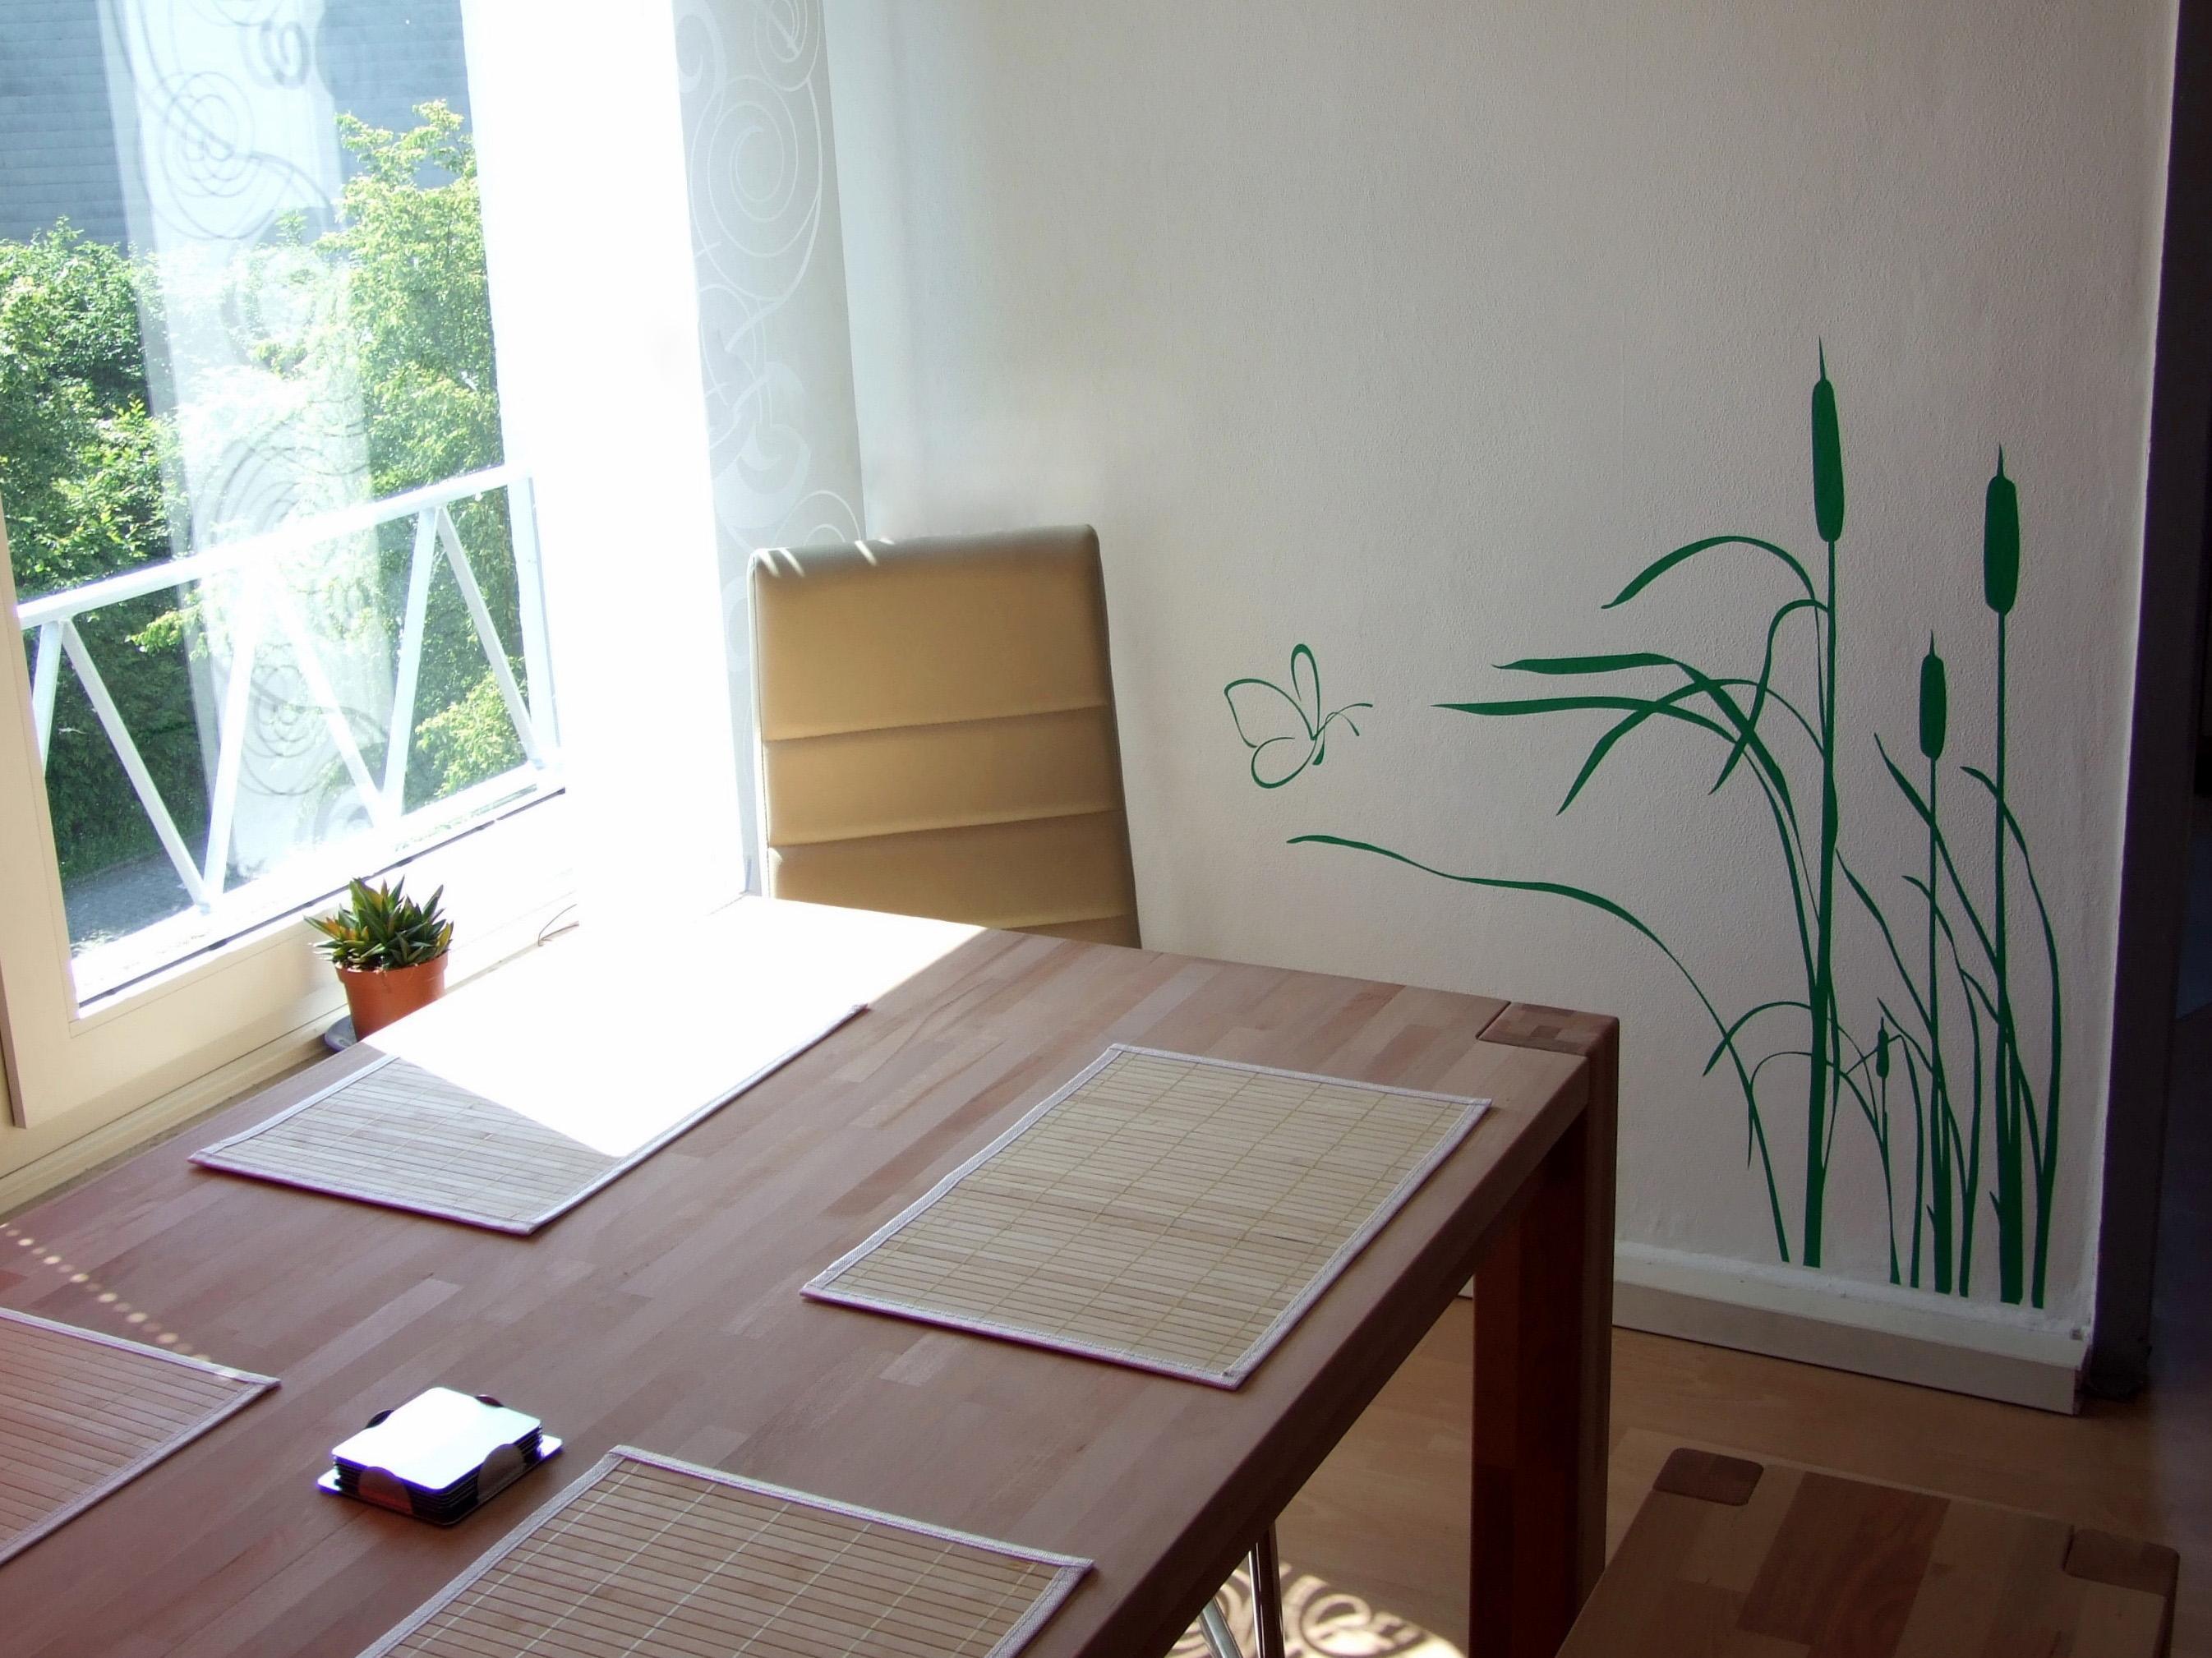 urlaub umzug und ein tattoo f r die wand my. Black Bedroom Furniture Sets. Home Design Ideas